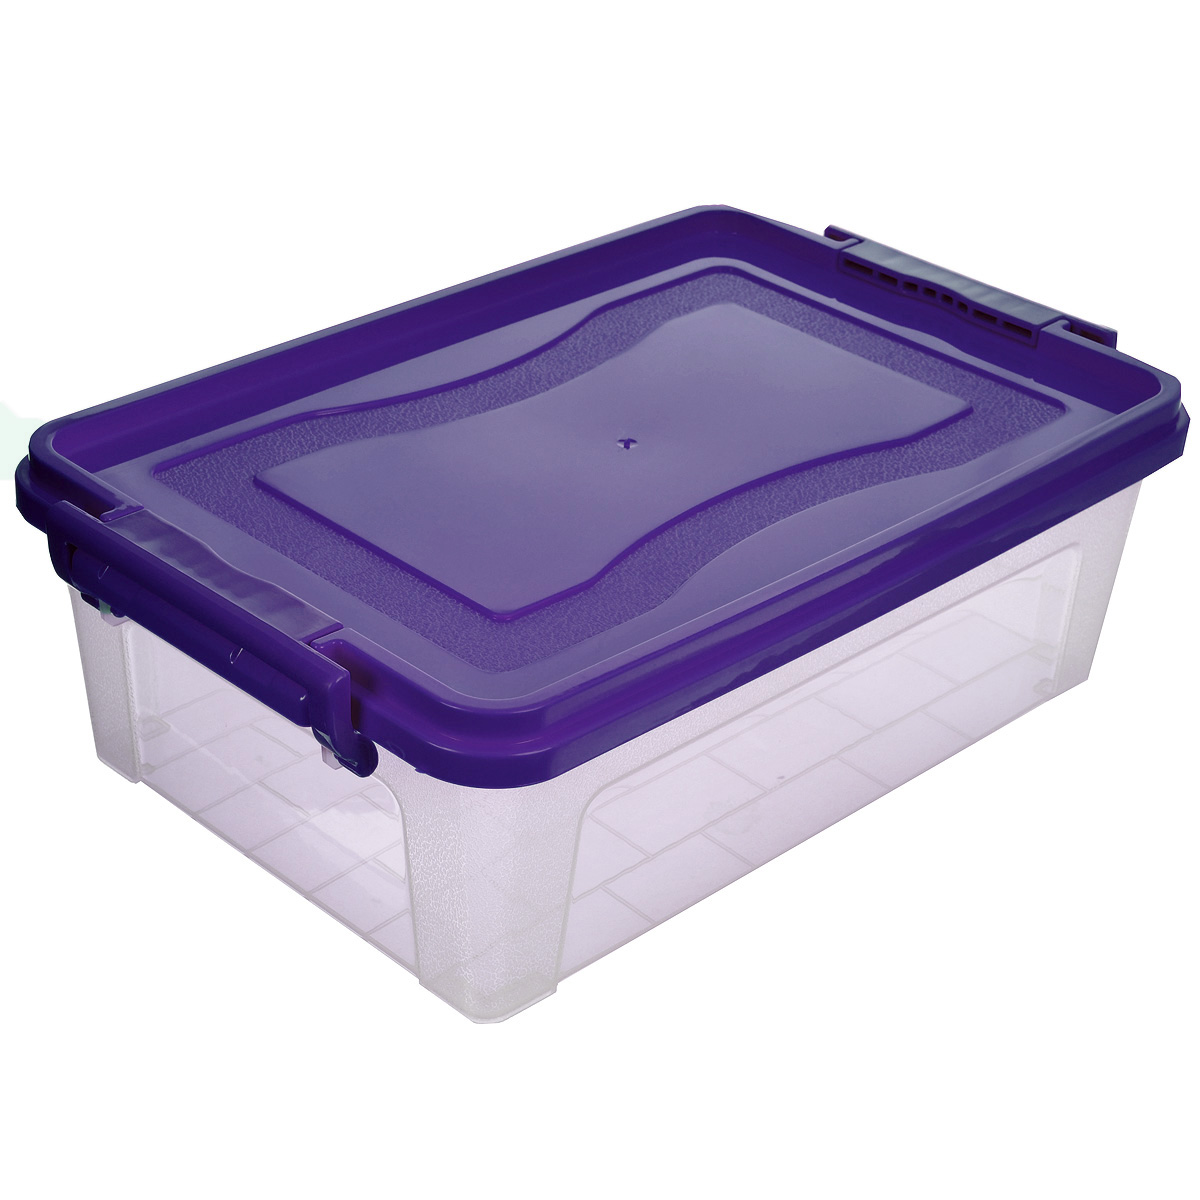 Контейнер для хранения Idea, прямоугольный, цвет: фиолетовый, прозрачный, 6,3 л контейнер для хранения idea деко бомбы 10 л